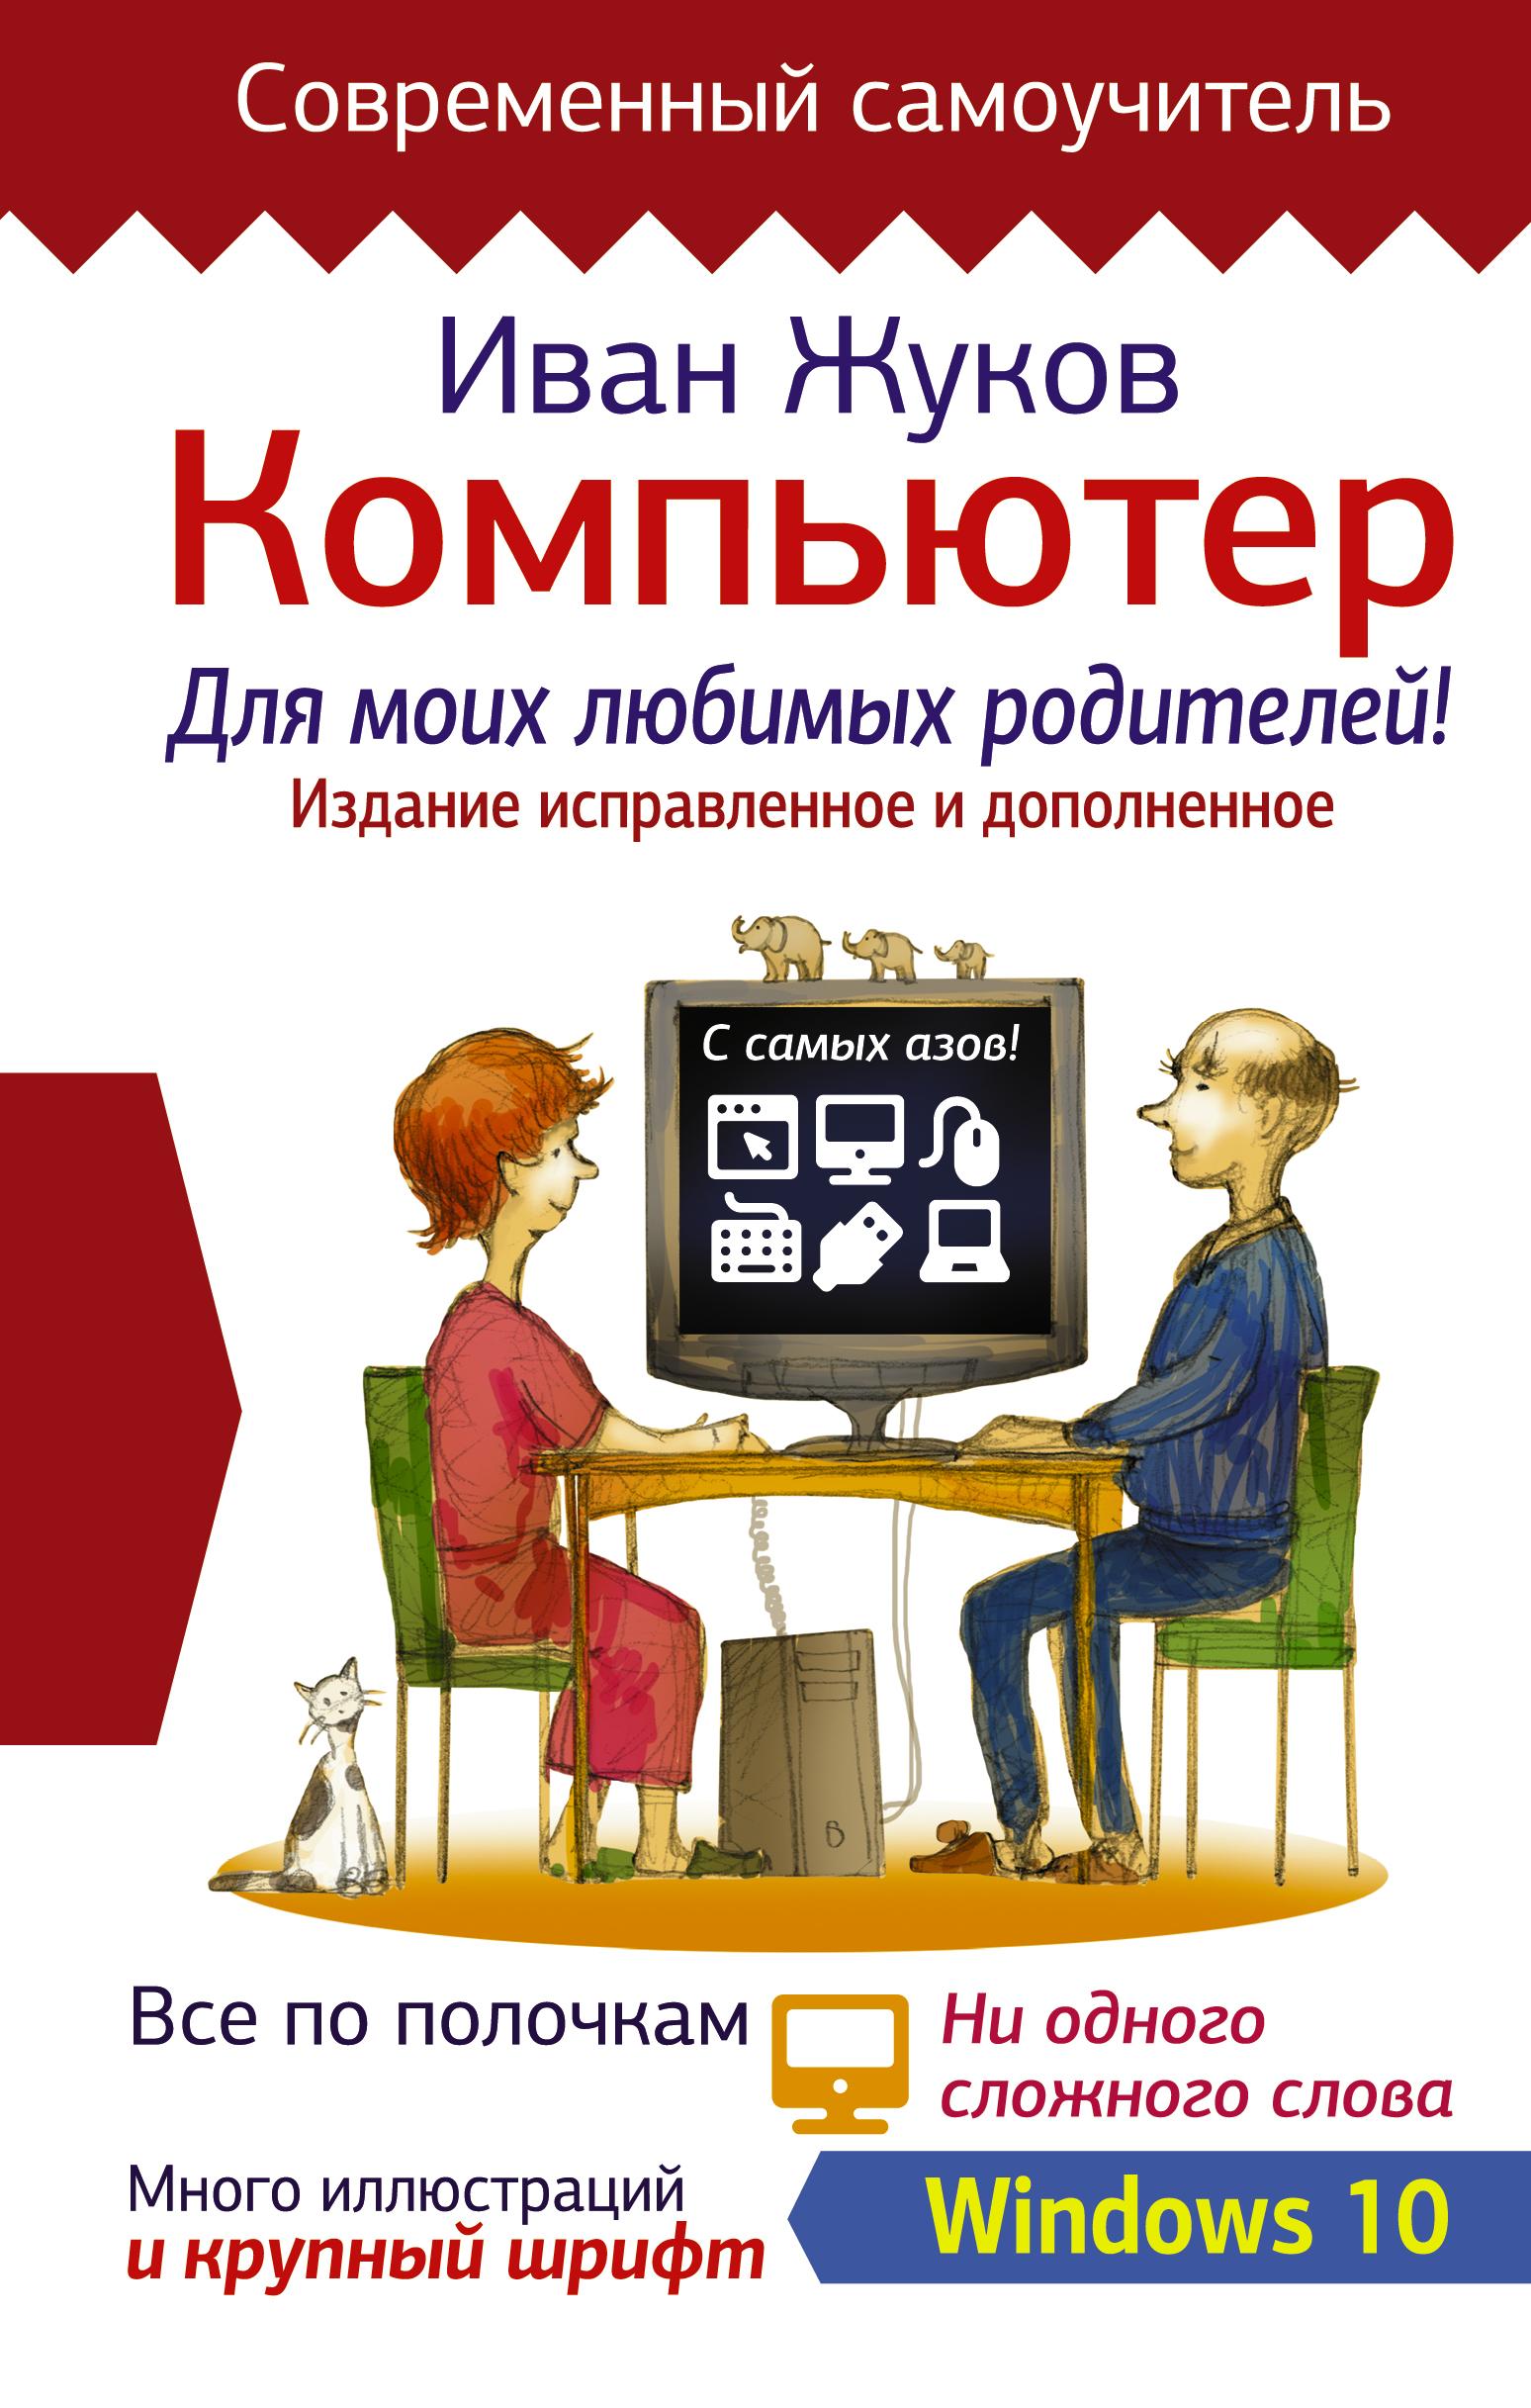 Компьютер для моих любимых родителей. Издание исправленное и дополненное